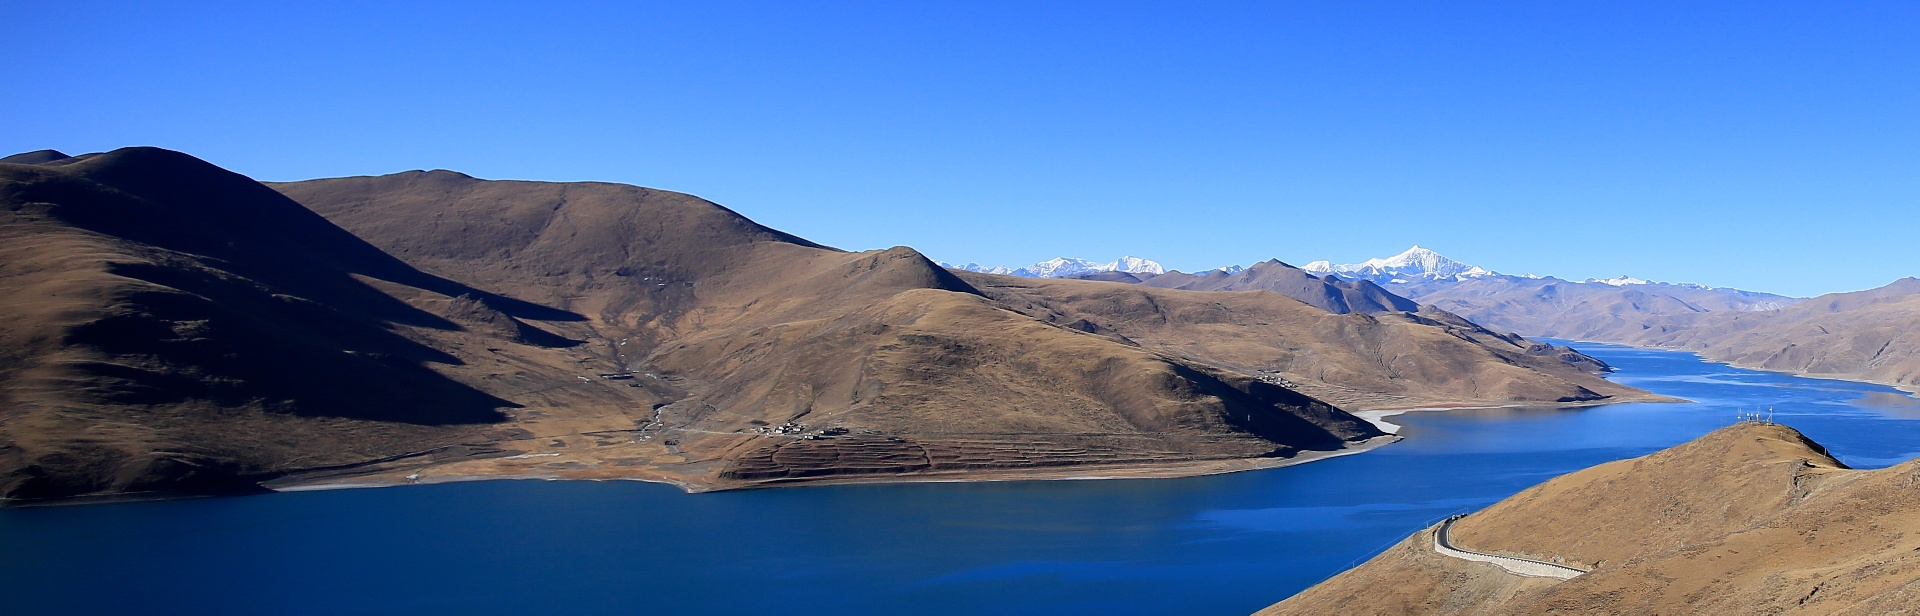 欢乐谷一号作品:西藏风光